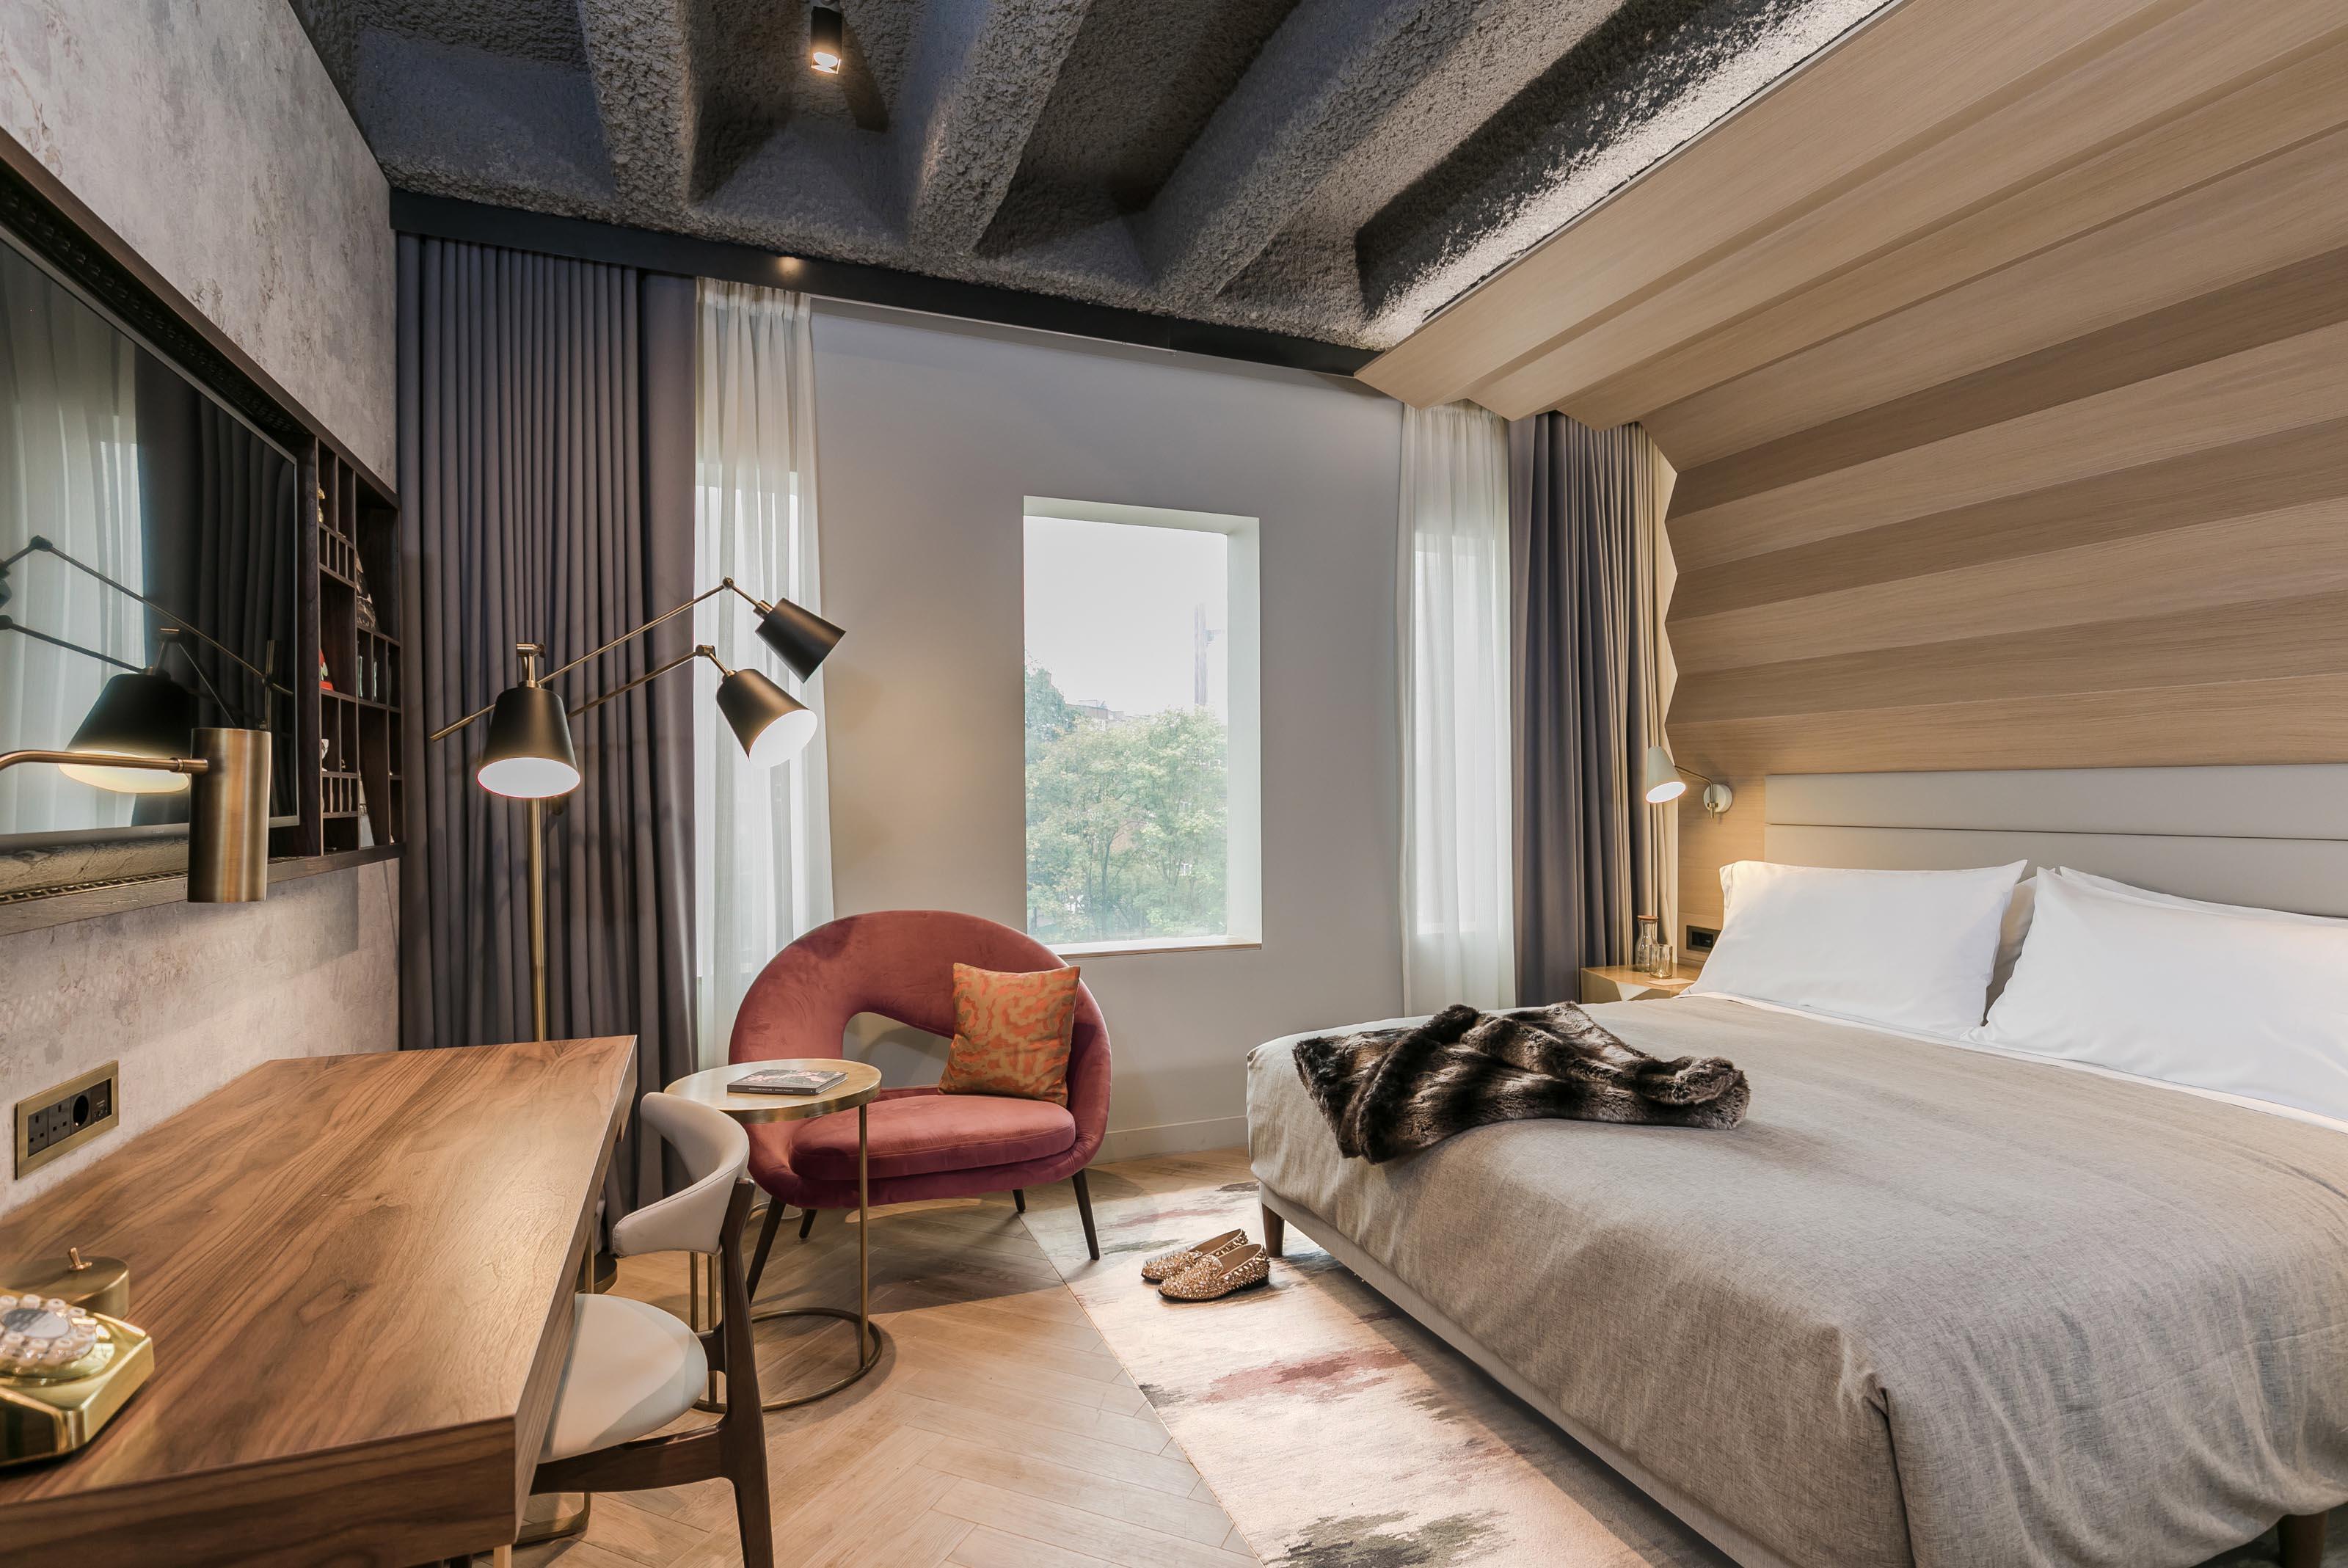 Image Result For Hilton Furniture Bedroom